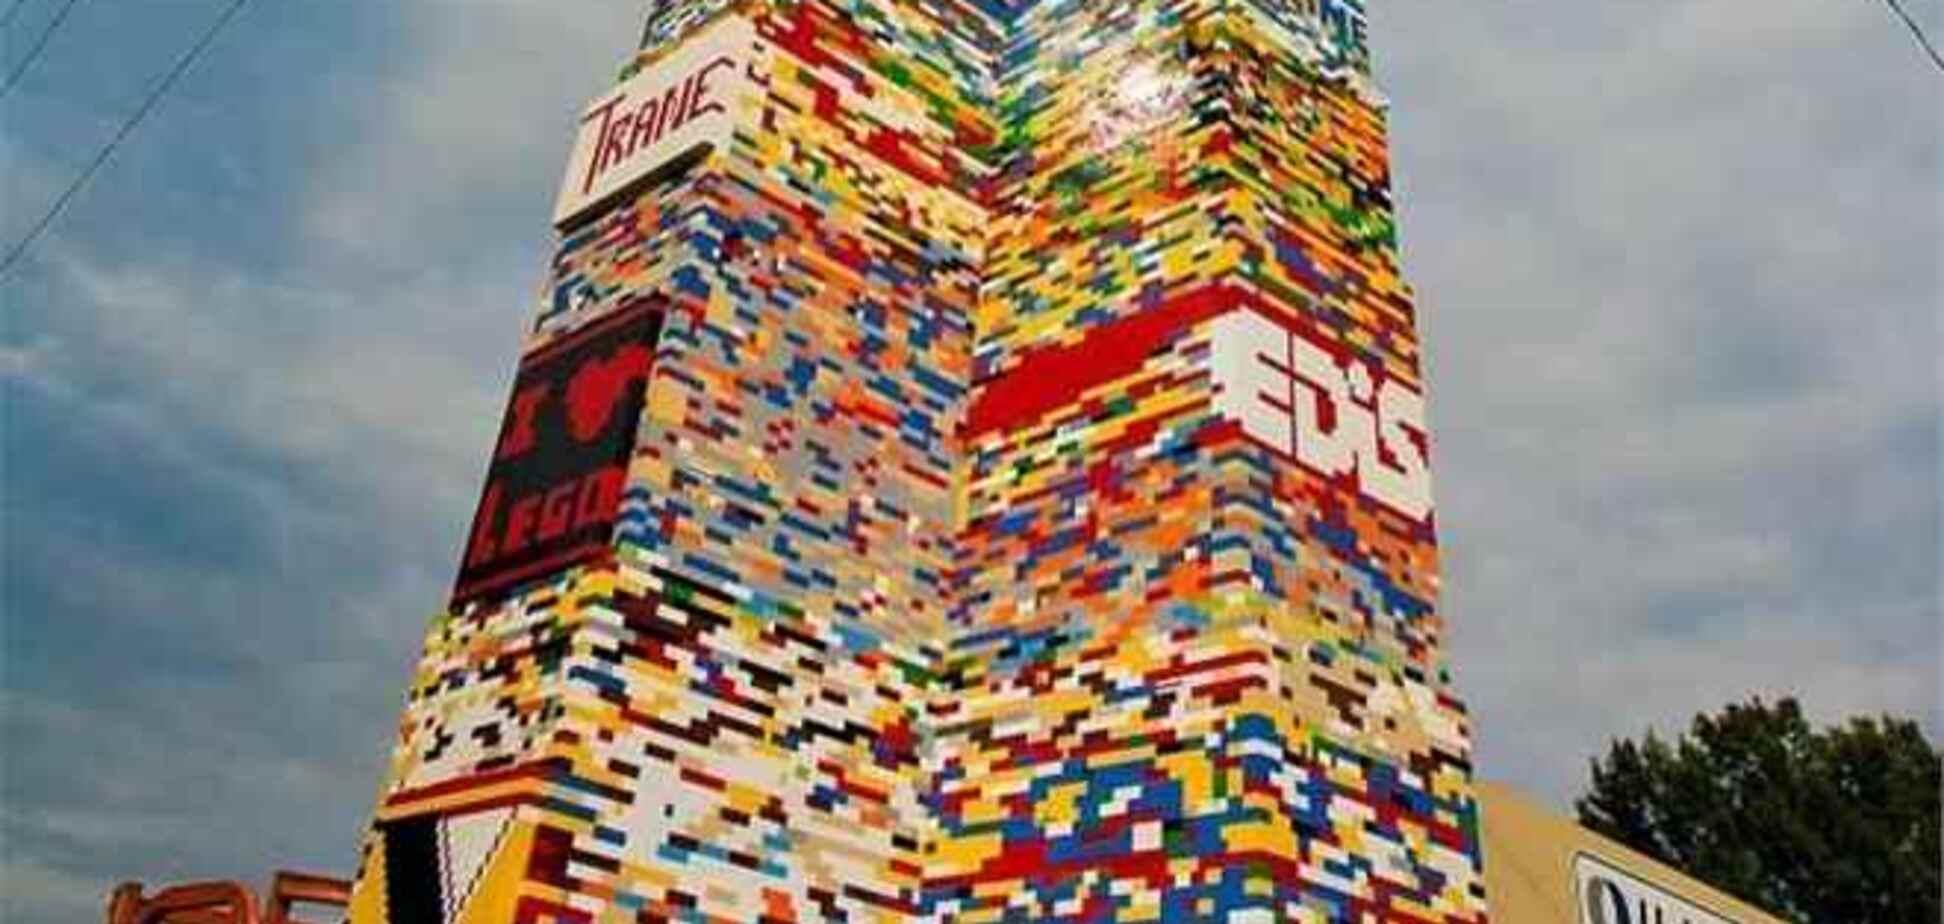 11-этажная башня из LEGO может попасть в Книгу рекордов Гиннесса